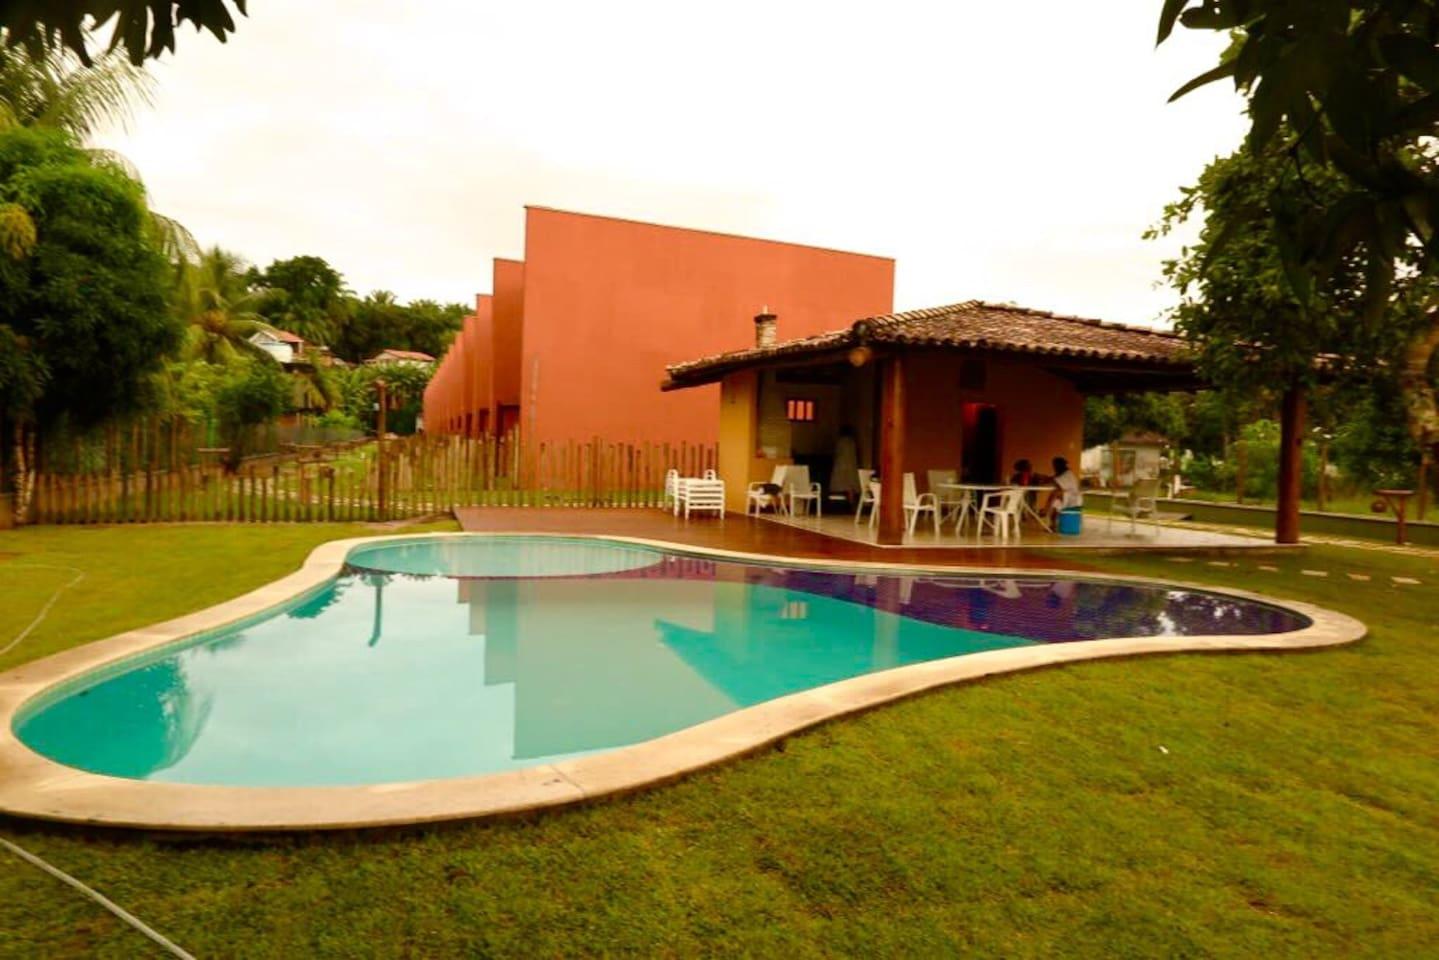 Quiosque do Villa Gamboa (piscina, churrasqueira, chuveirão e banheiros